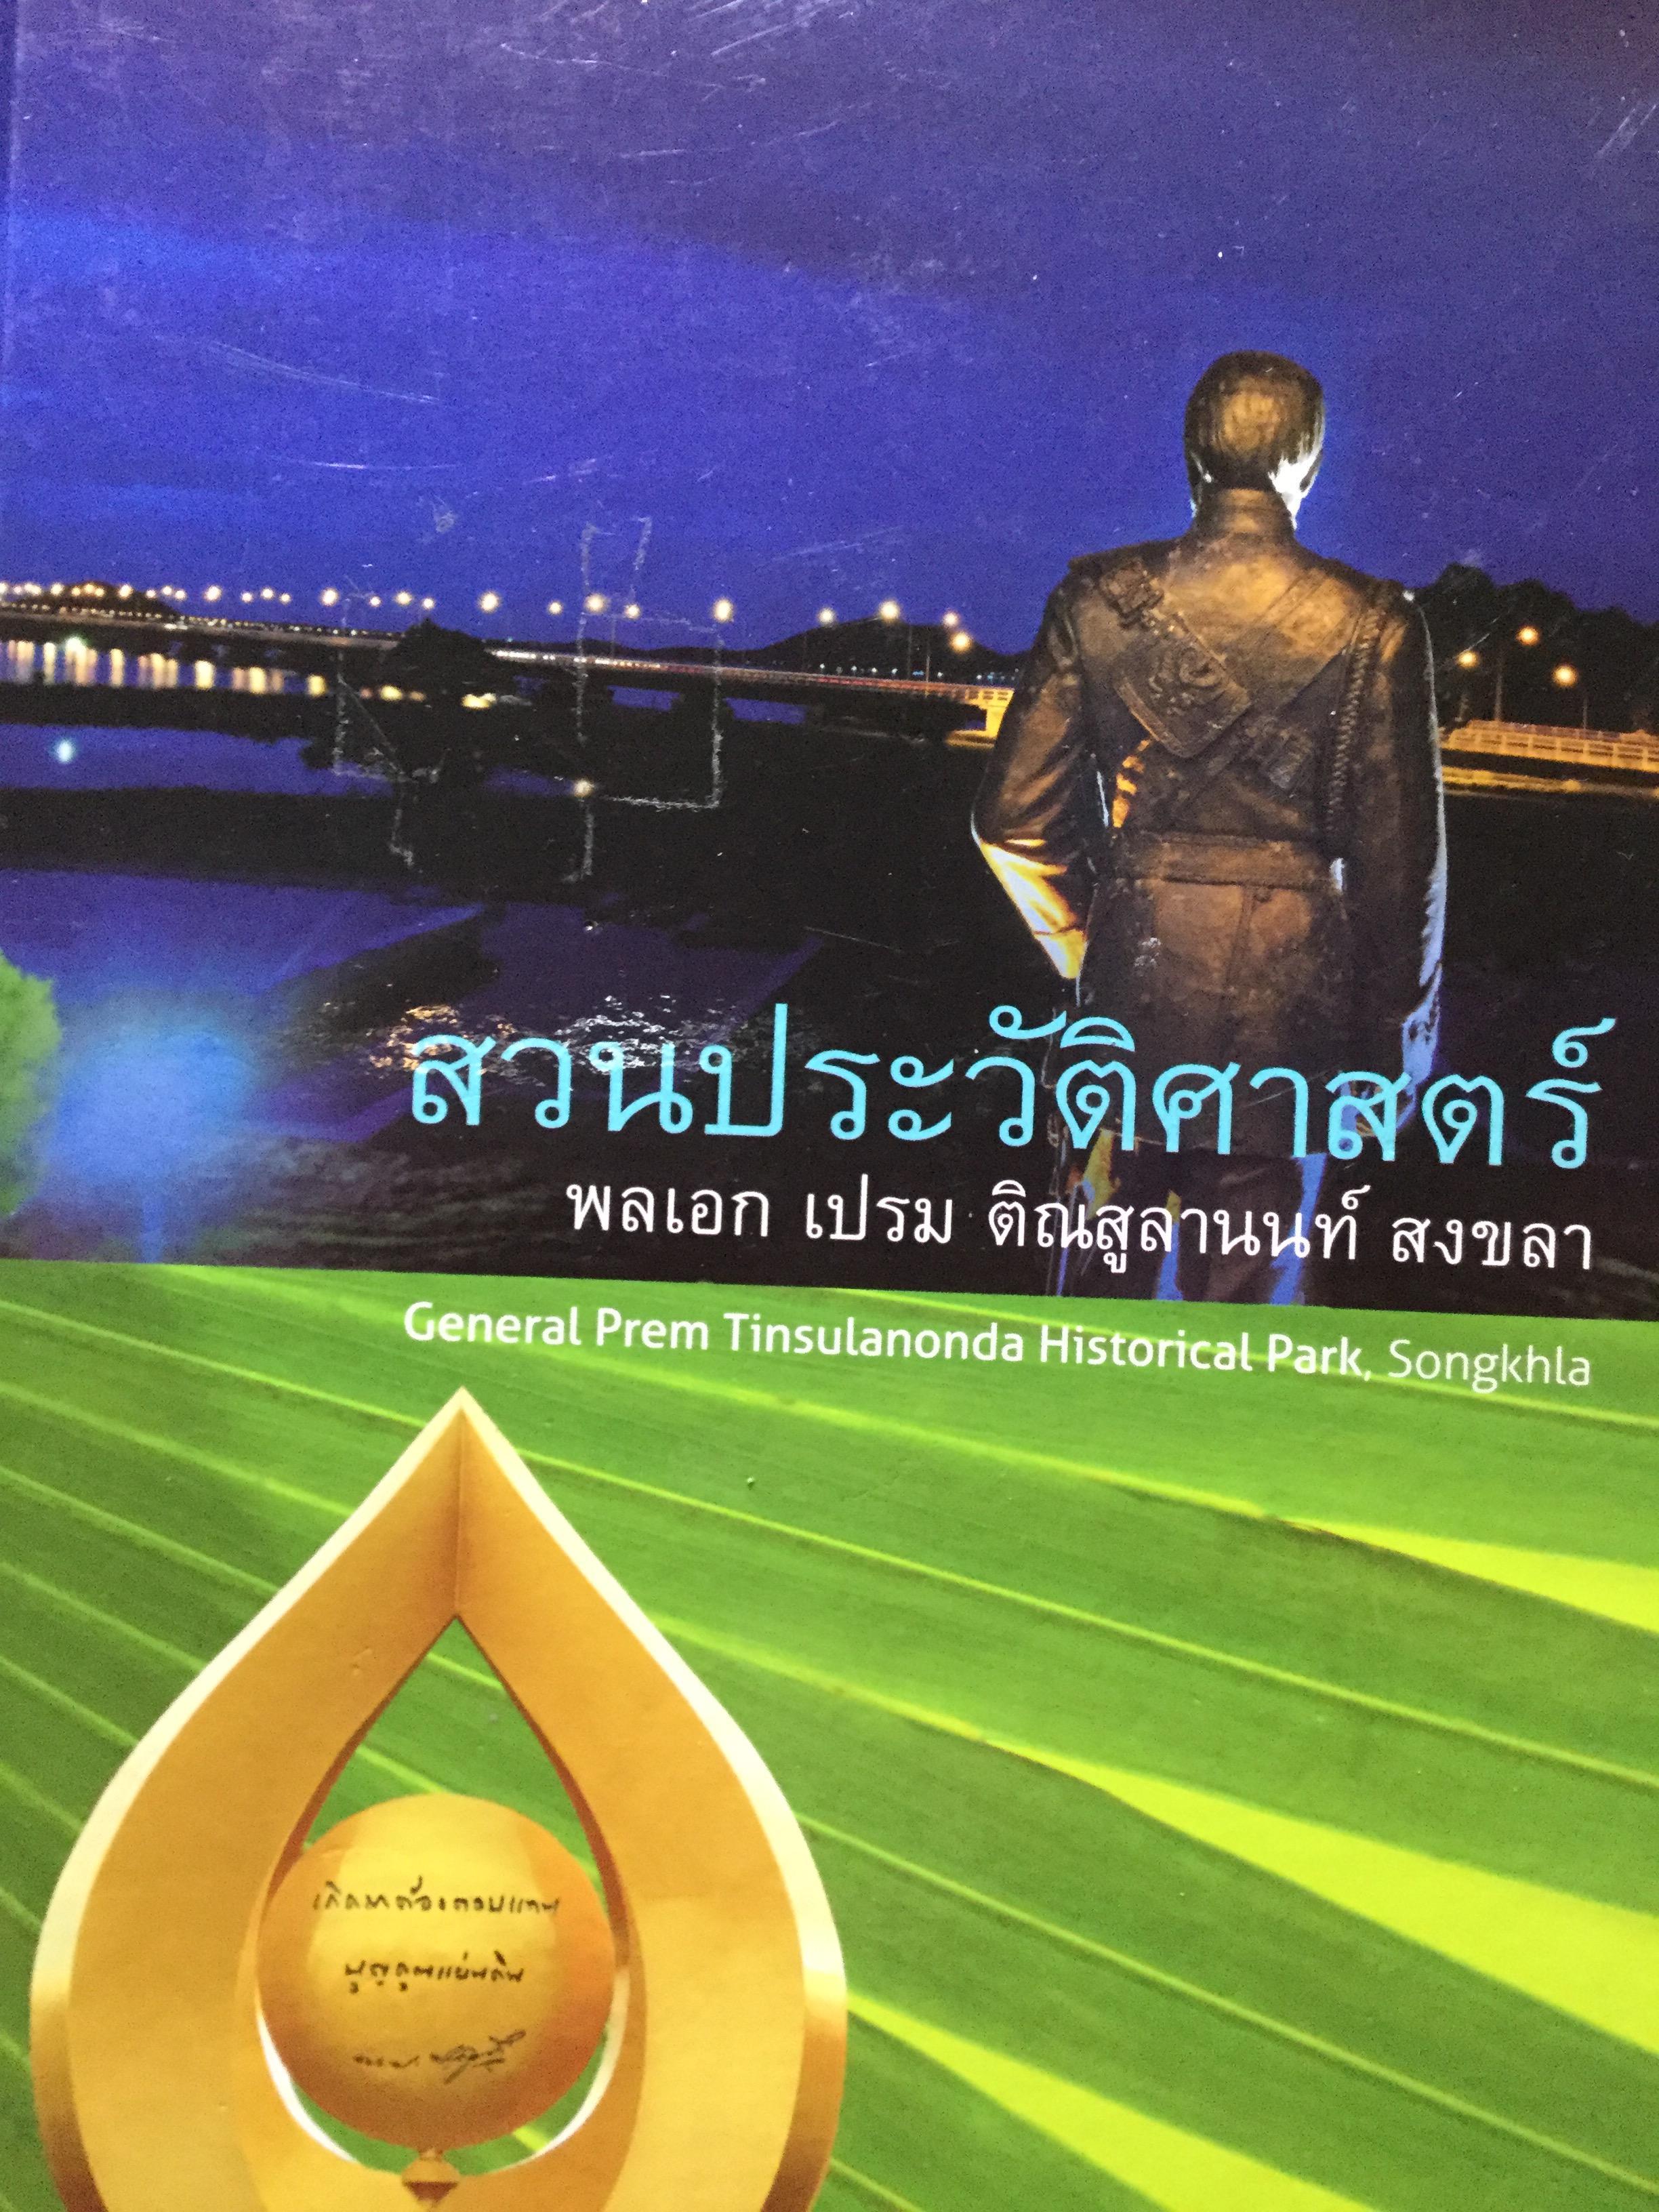 สวนประวัติศาสตร์ พลเอก เปรม ติณสูลานนท์ สงขลา. General Prem Tinsulanonda Historical Park. Songkhla